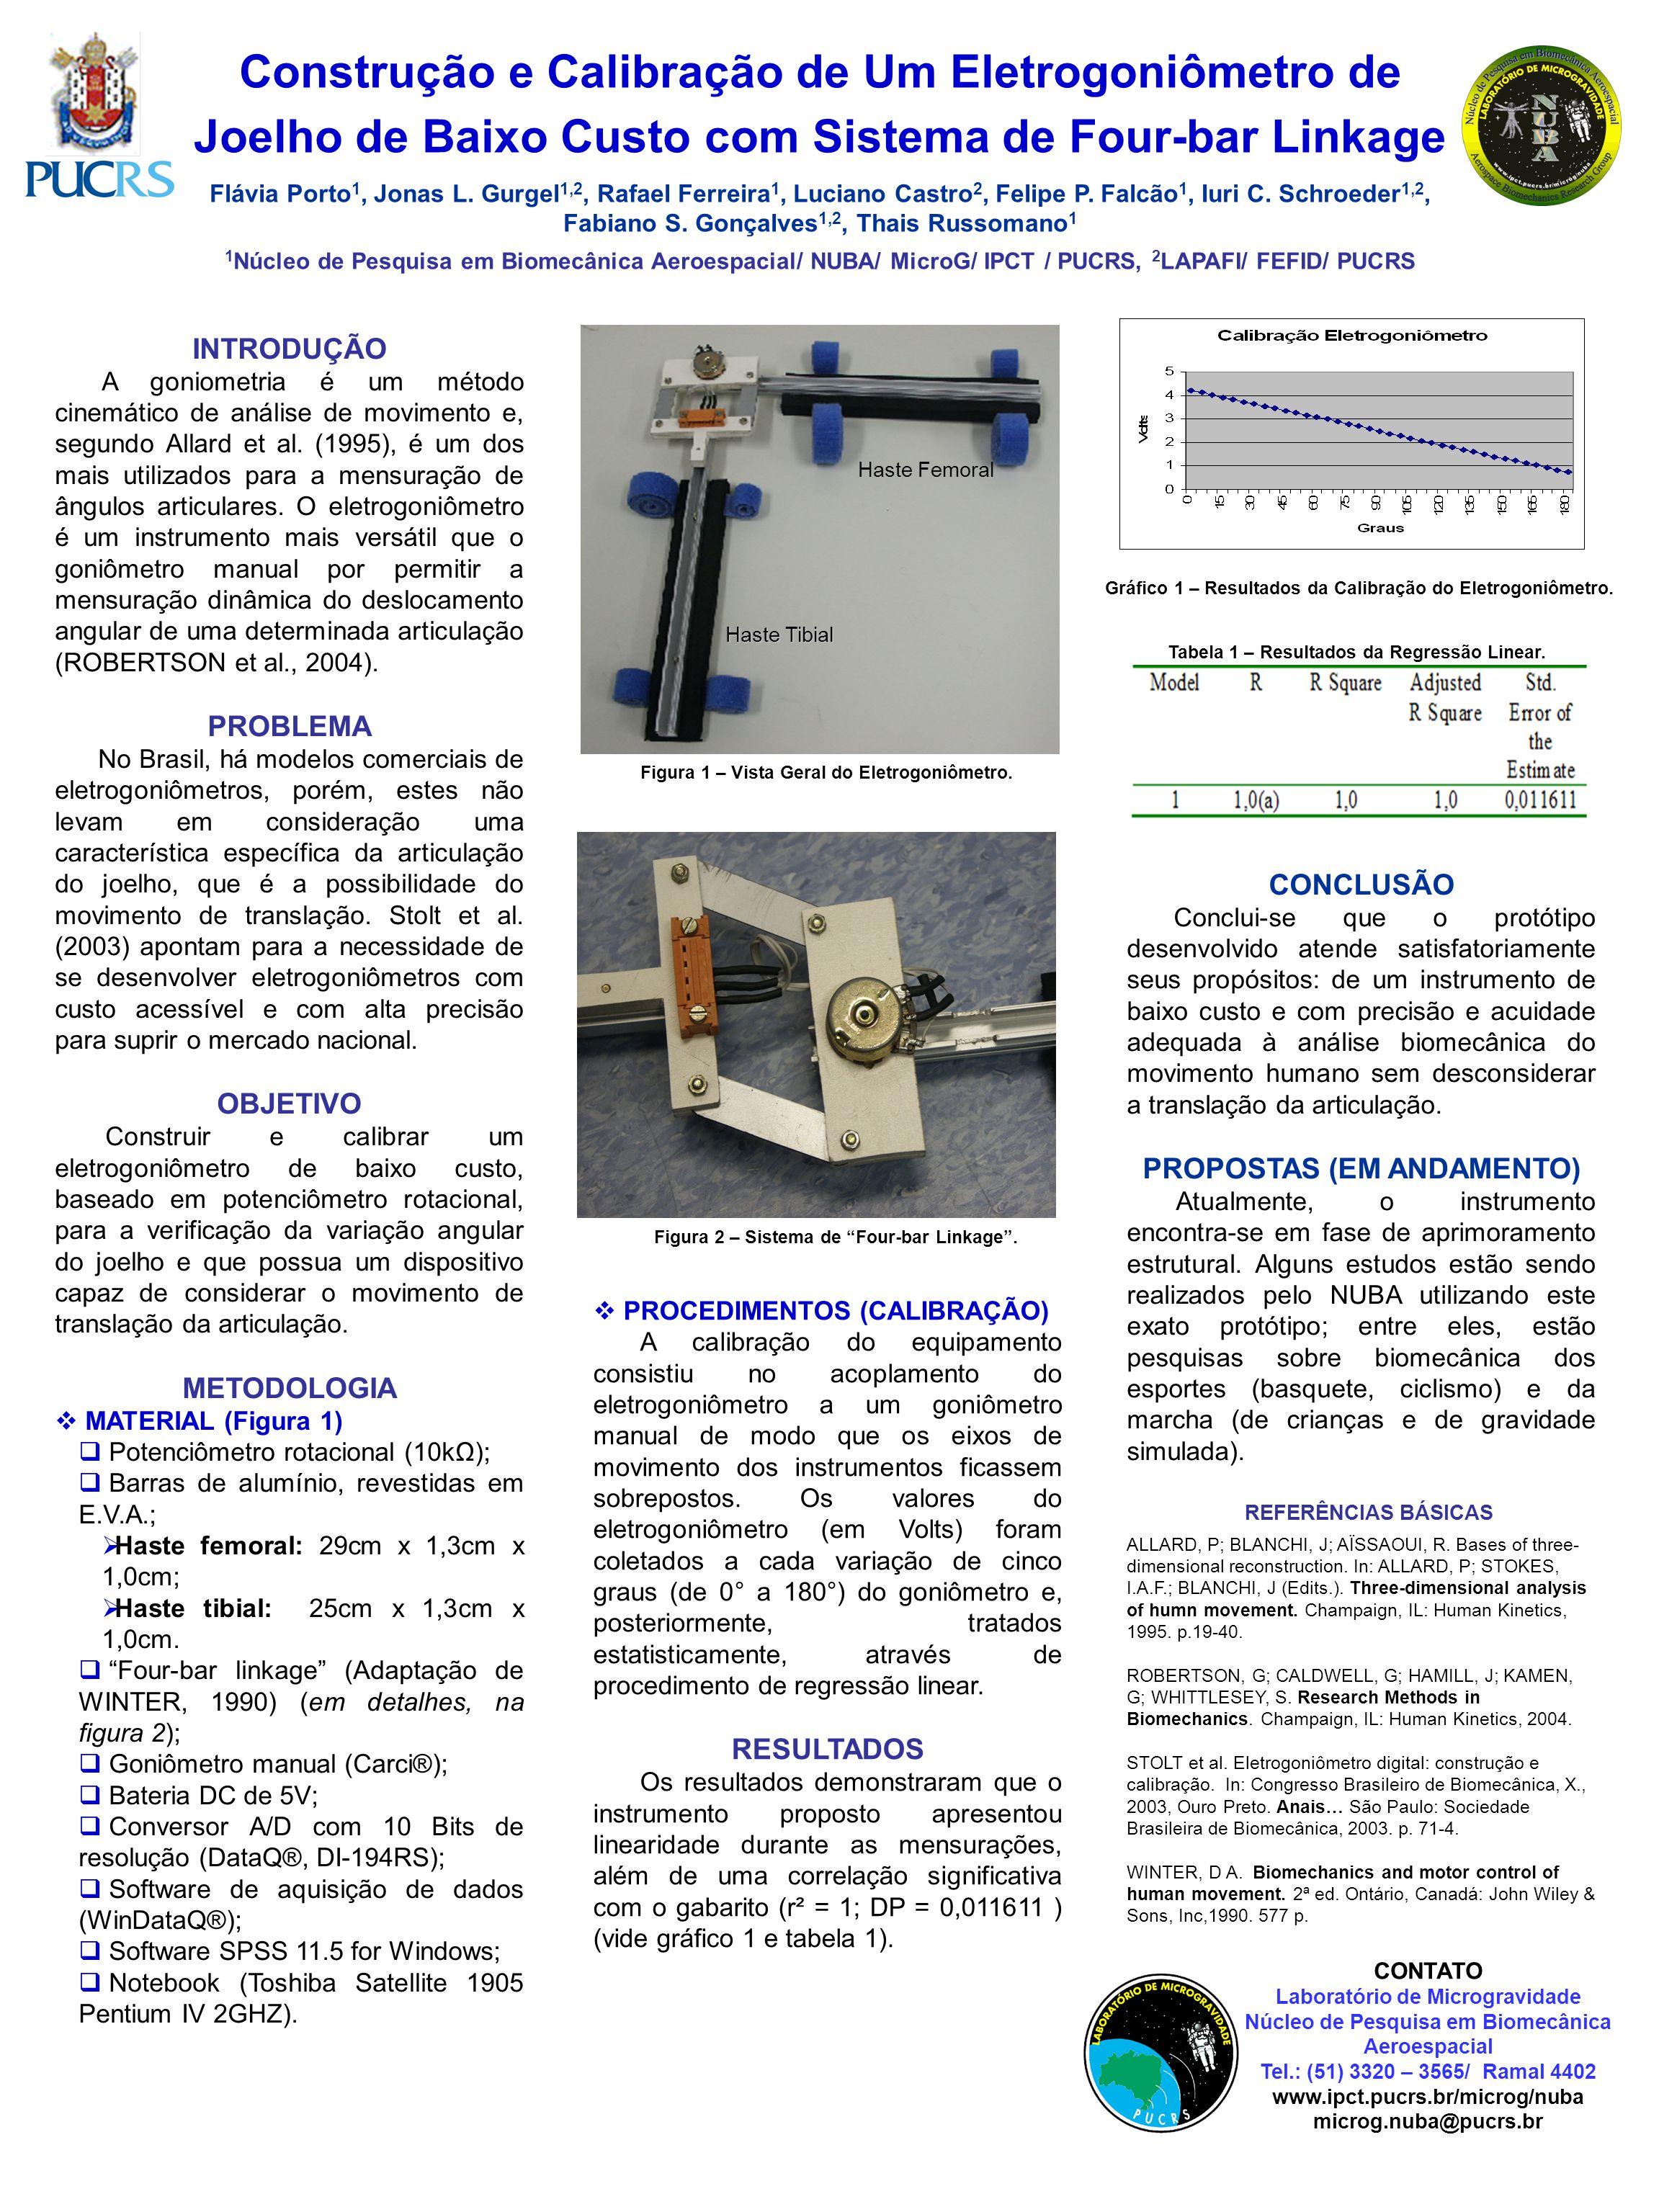 Construção e Calibração de Um Eletrogoniômetro de Joelho de Baixo Custo com Sistema de Four-bar Linkage Flávia Porto 1, Jonas L. Gurgel 1,2, Rafael Fe